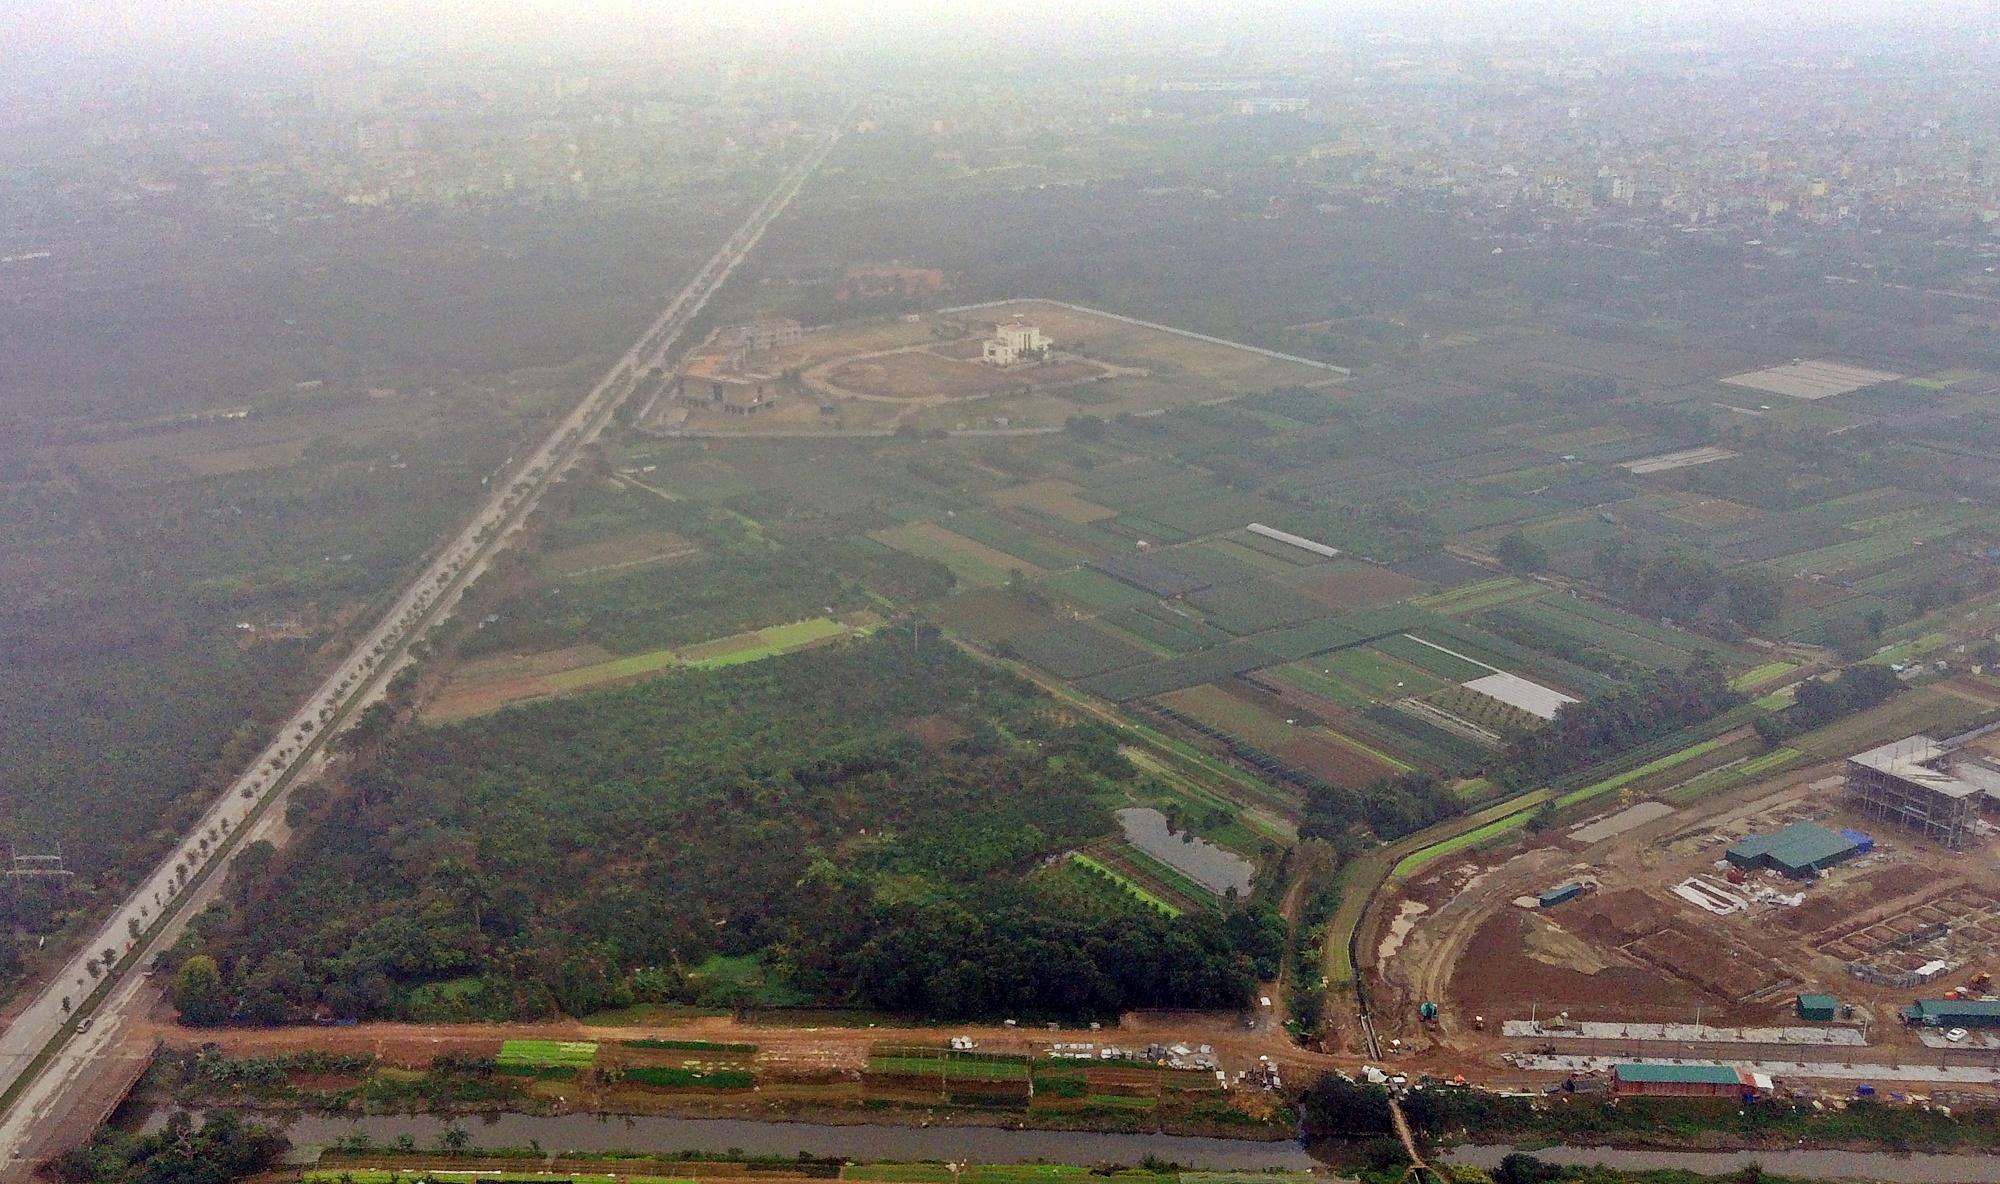 Những mảnh đất sẽ được đào hồ lớn ở quận Bắc Từ Liêm - Ảnh 10.